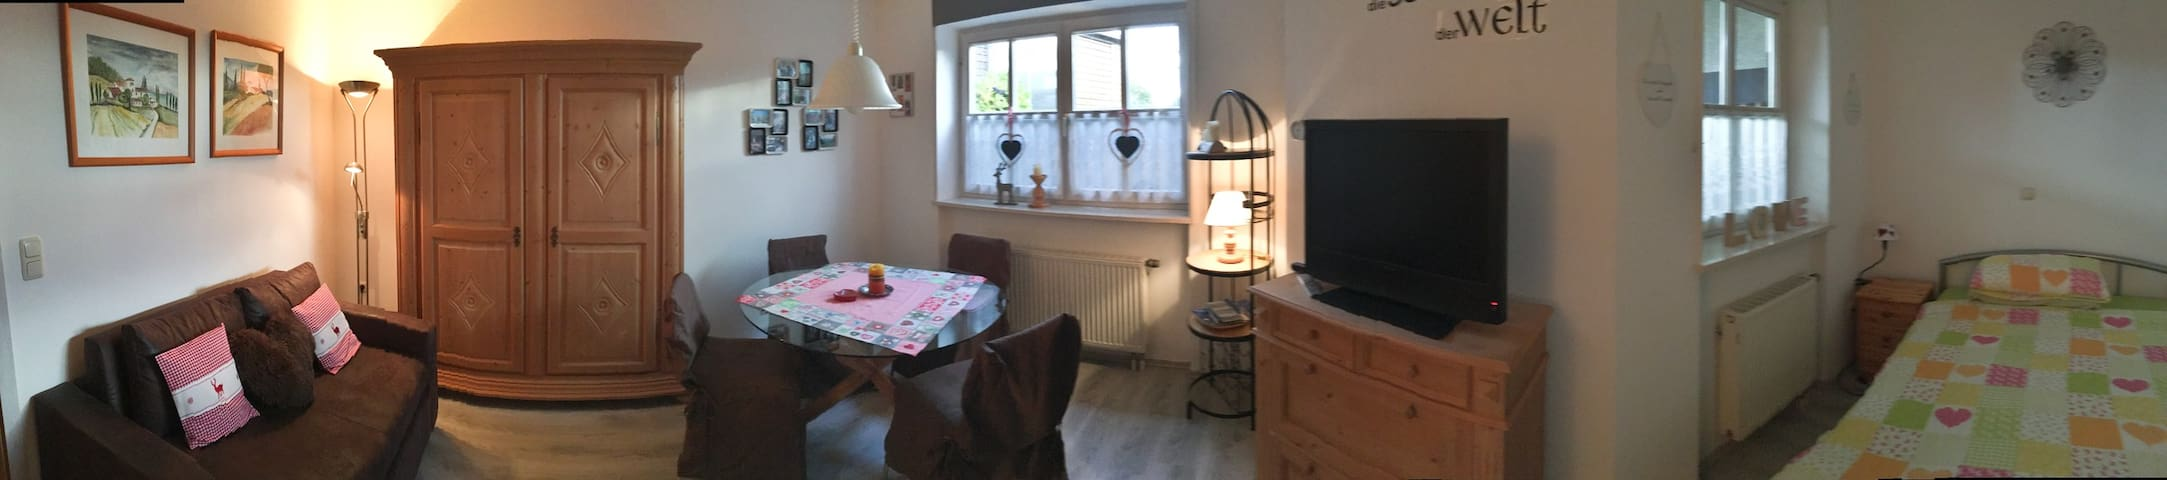 Nettes Apartment im Bayerischen Wald, St. Englmar - Sankt Englmar - Byt